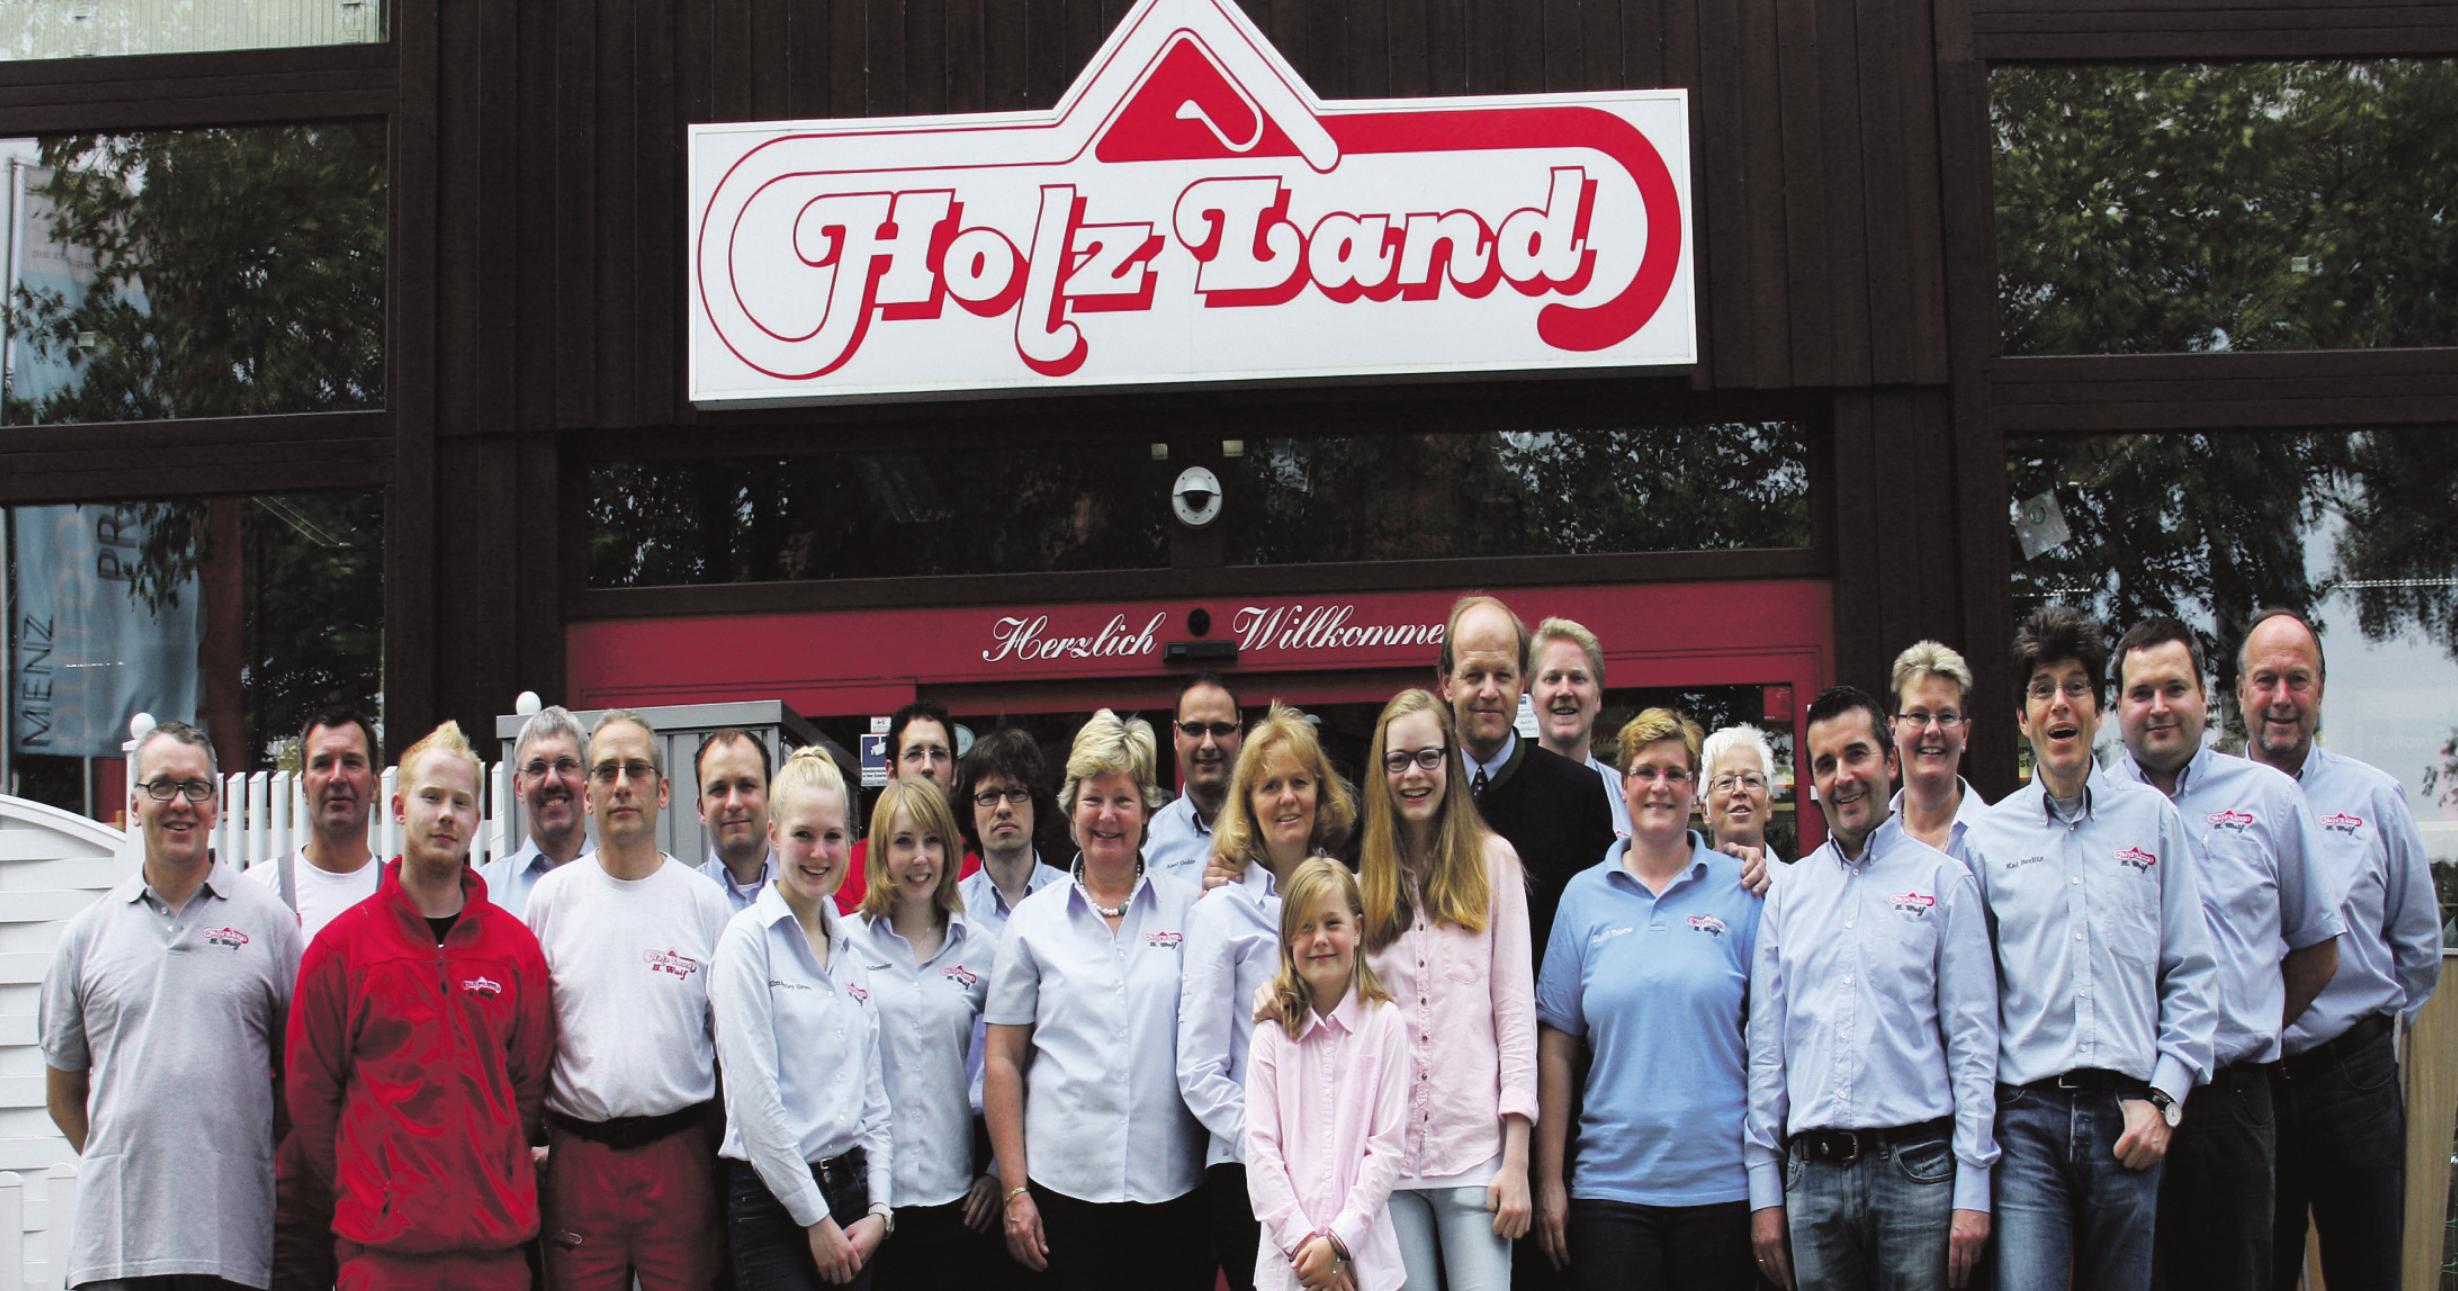 Zur Erinnerung an das 140-jährige Bestehen der Firma ließen sich die Mitarbeiter mit der Eigentümerfamilie vor dem Holzfachmarkt in der Bahnhofstraße fotografieren